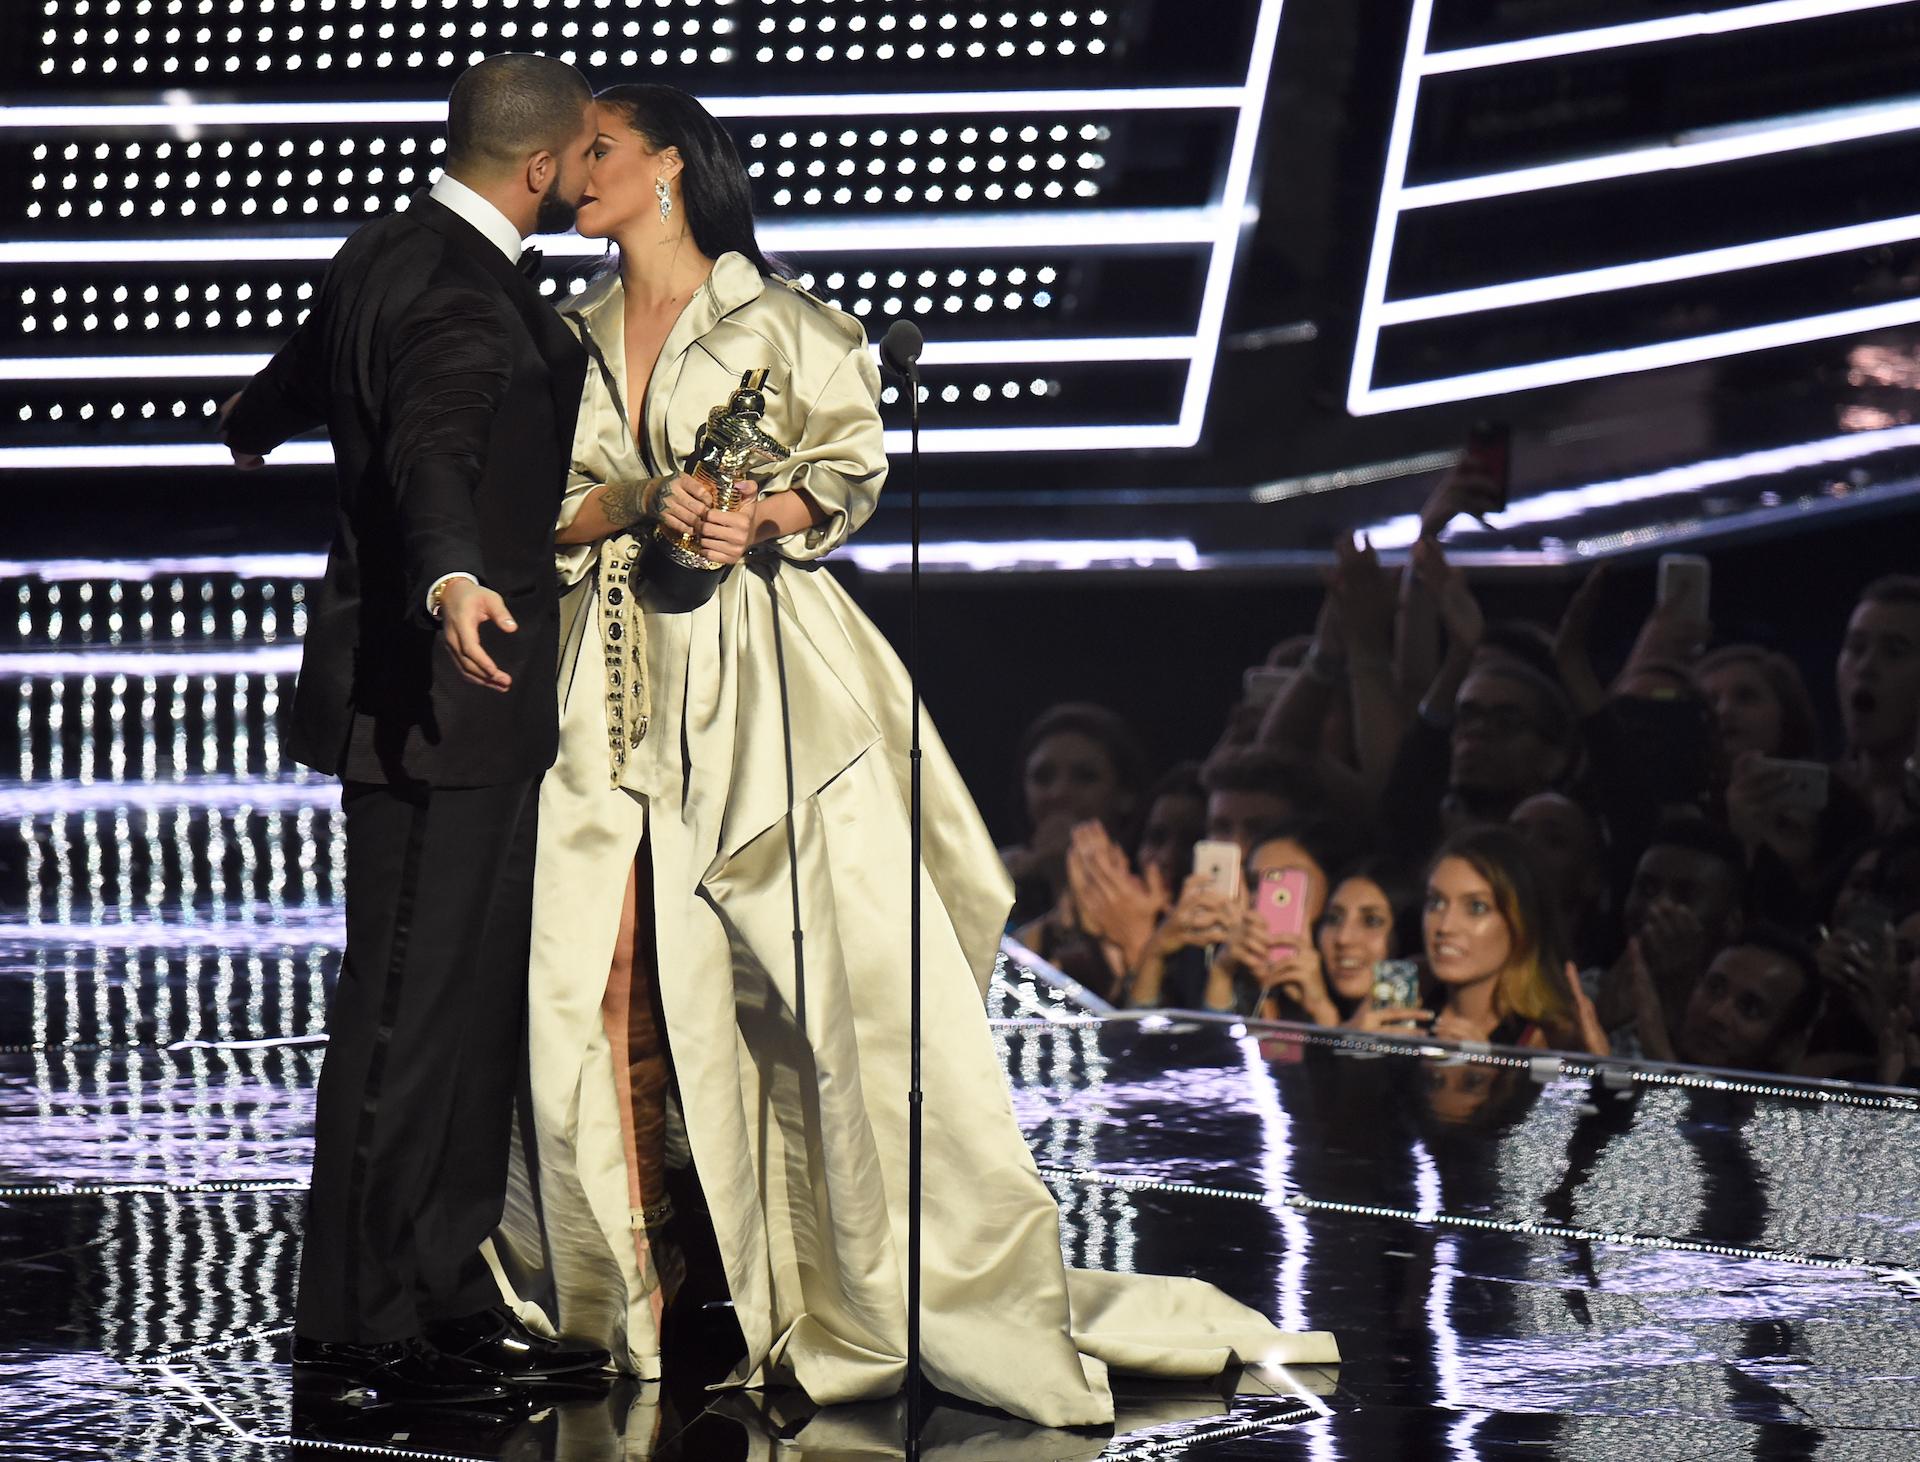 Rihanna and Drake at the VMAs